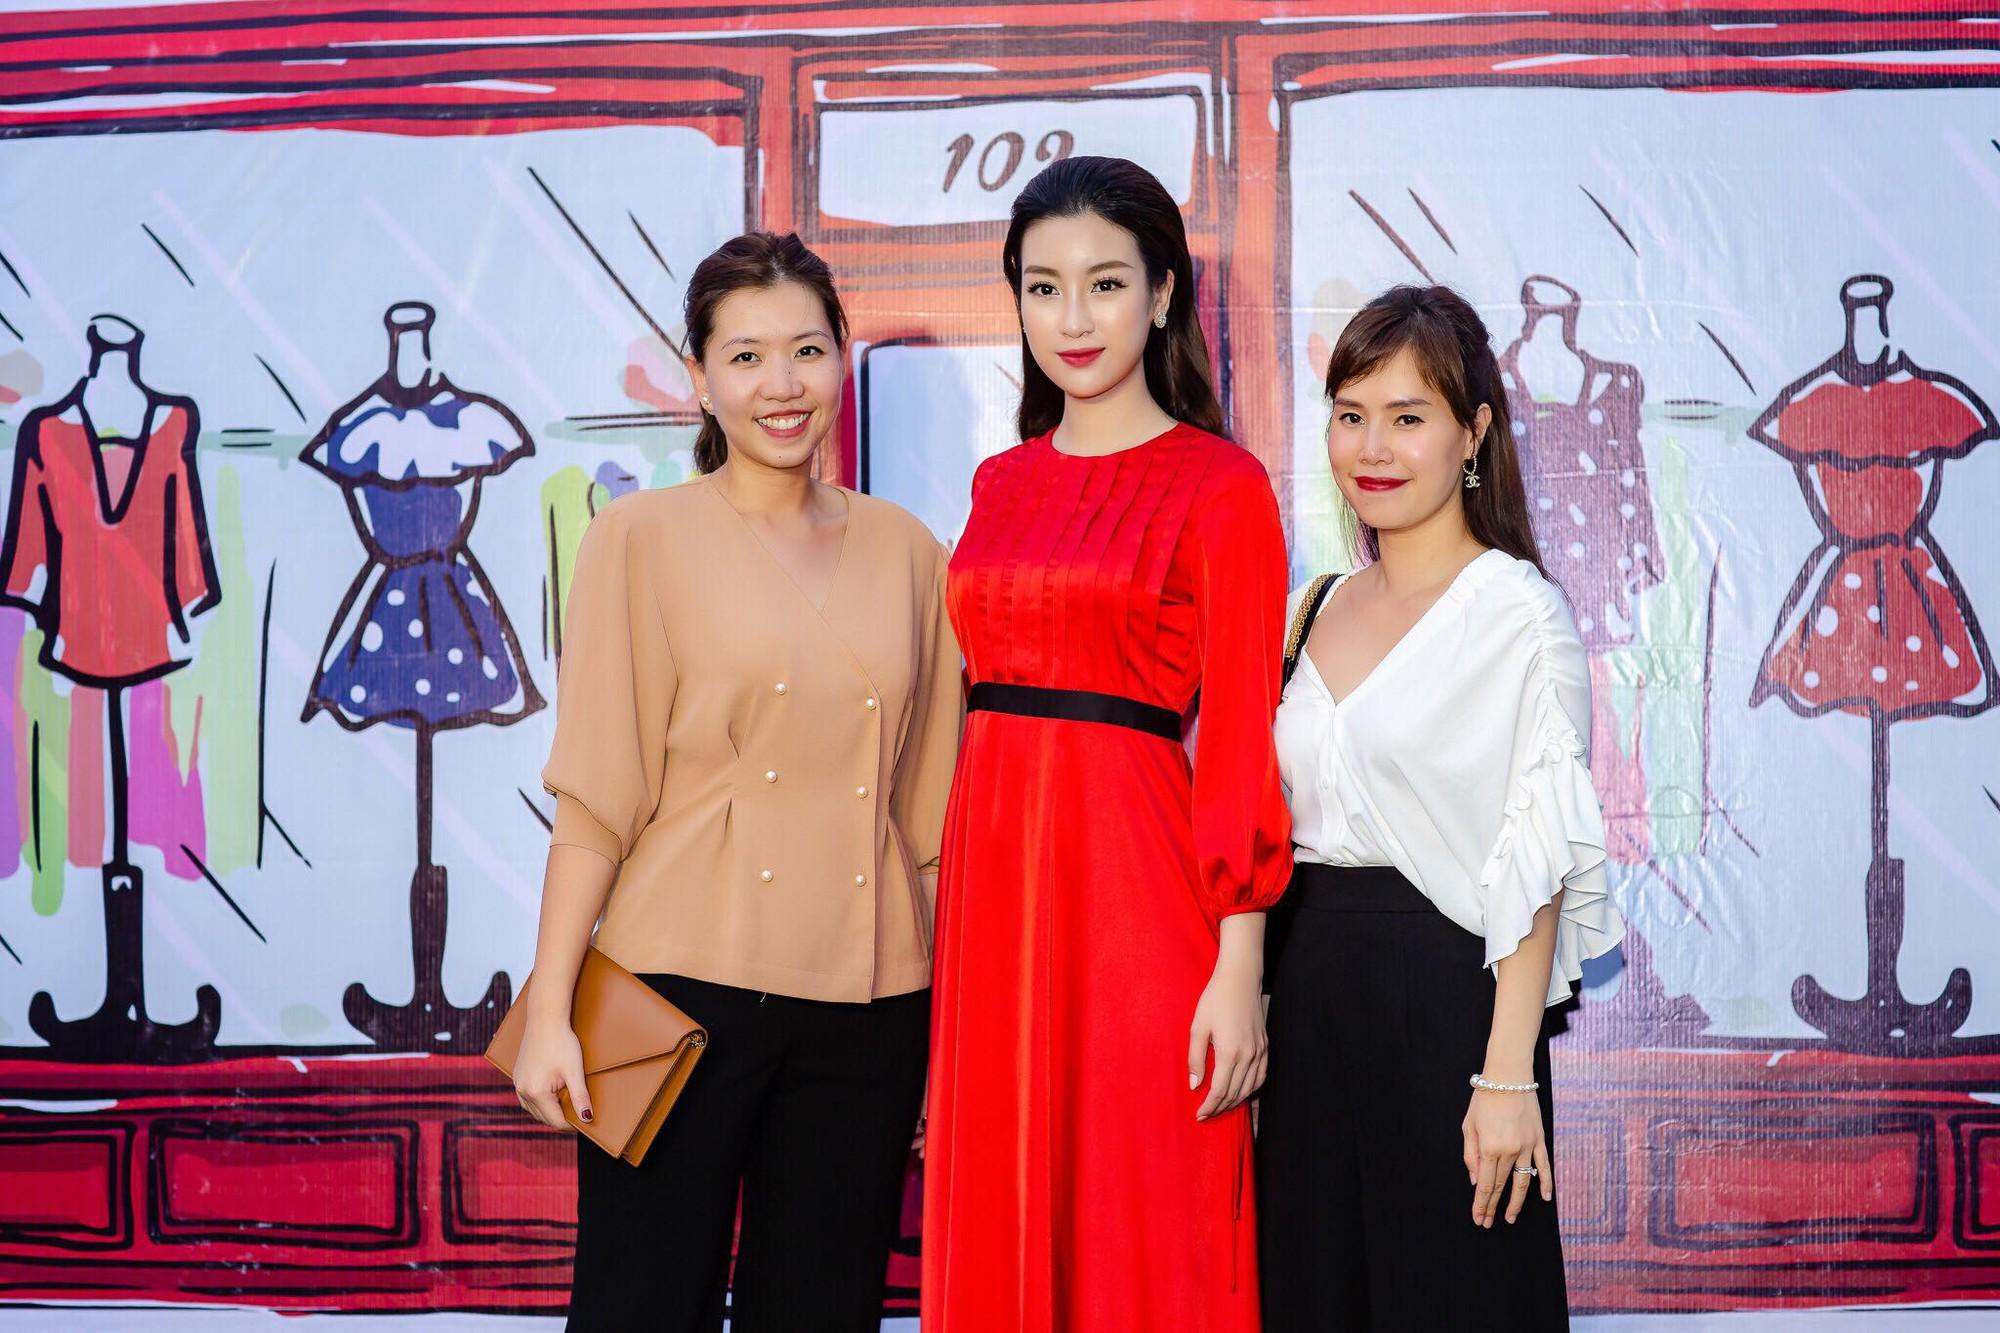 Đây là điều Mỹ Linh luôn mong muốn thực hiện sau khi trao vương miện Hoa hậu Việt Nam cho người kế nhiệm - Ảnh 8.